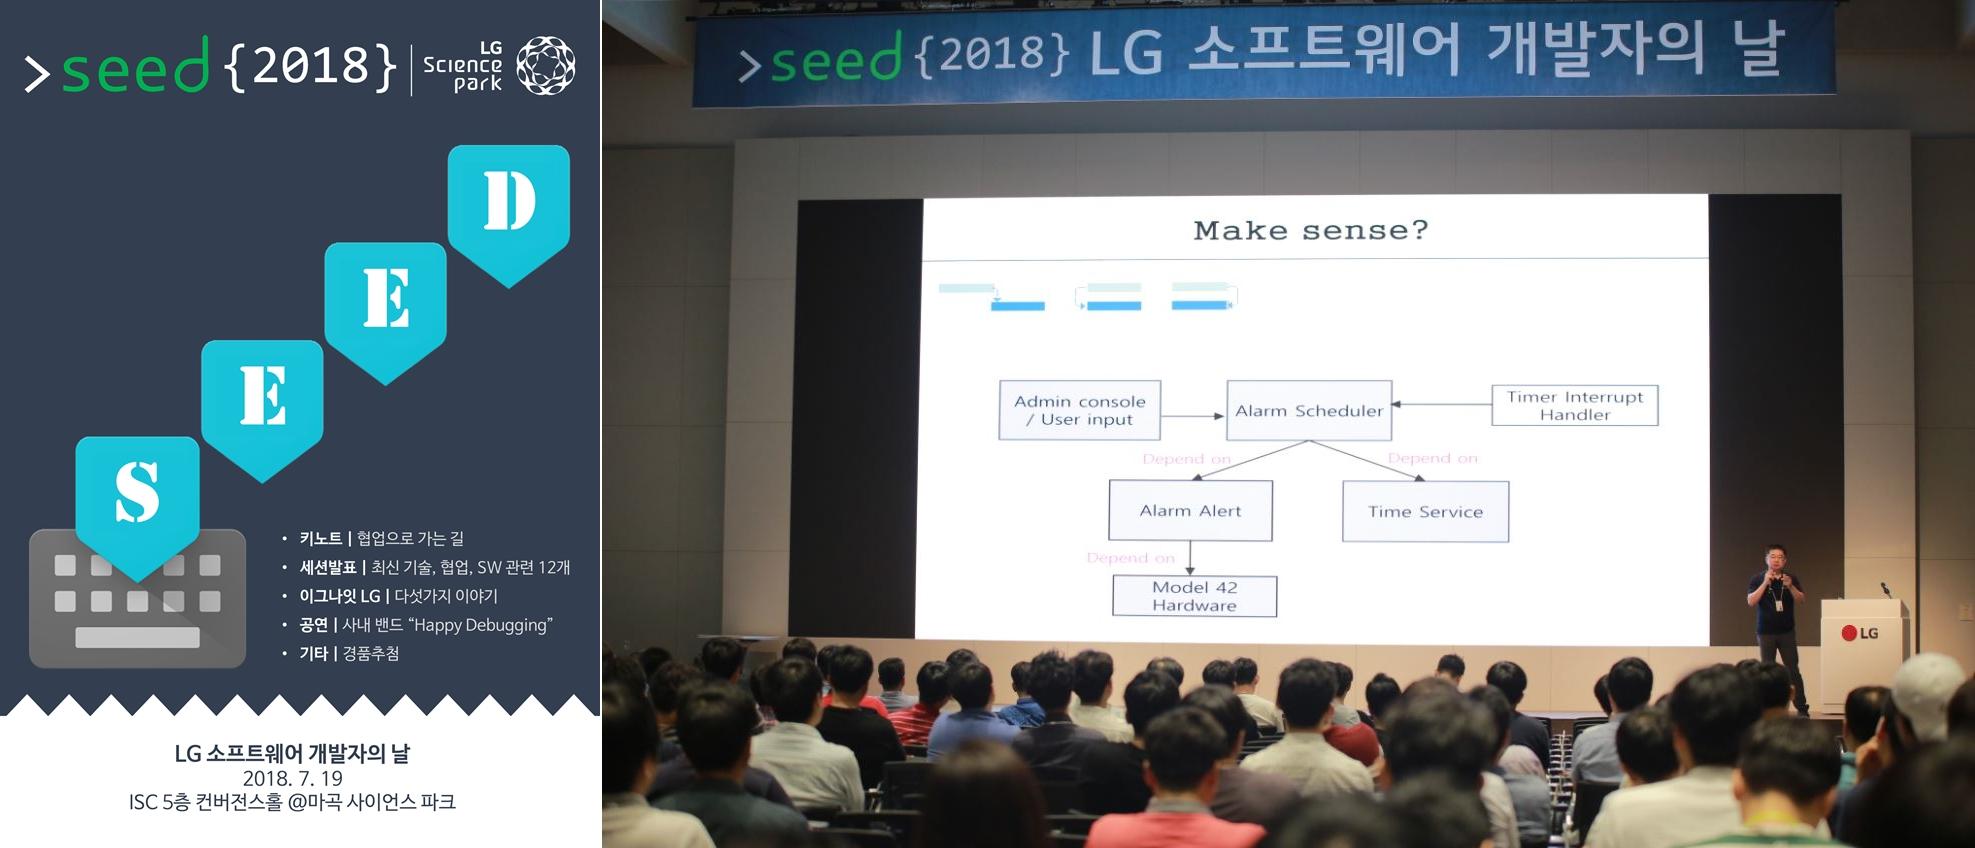 'LG소프트웨어 개발자의 날(SEED 2018)' 행사